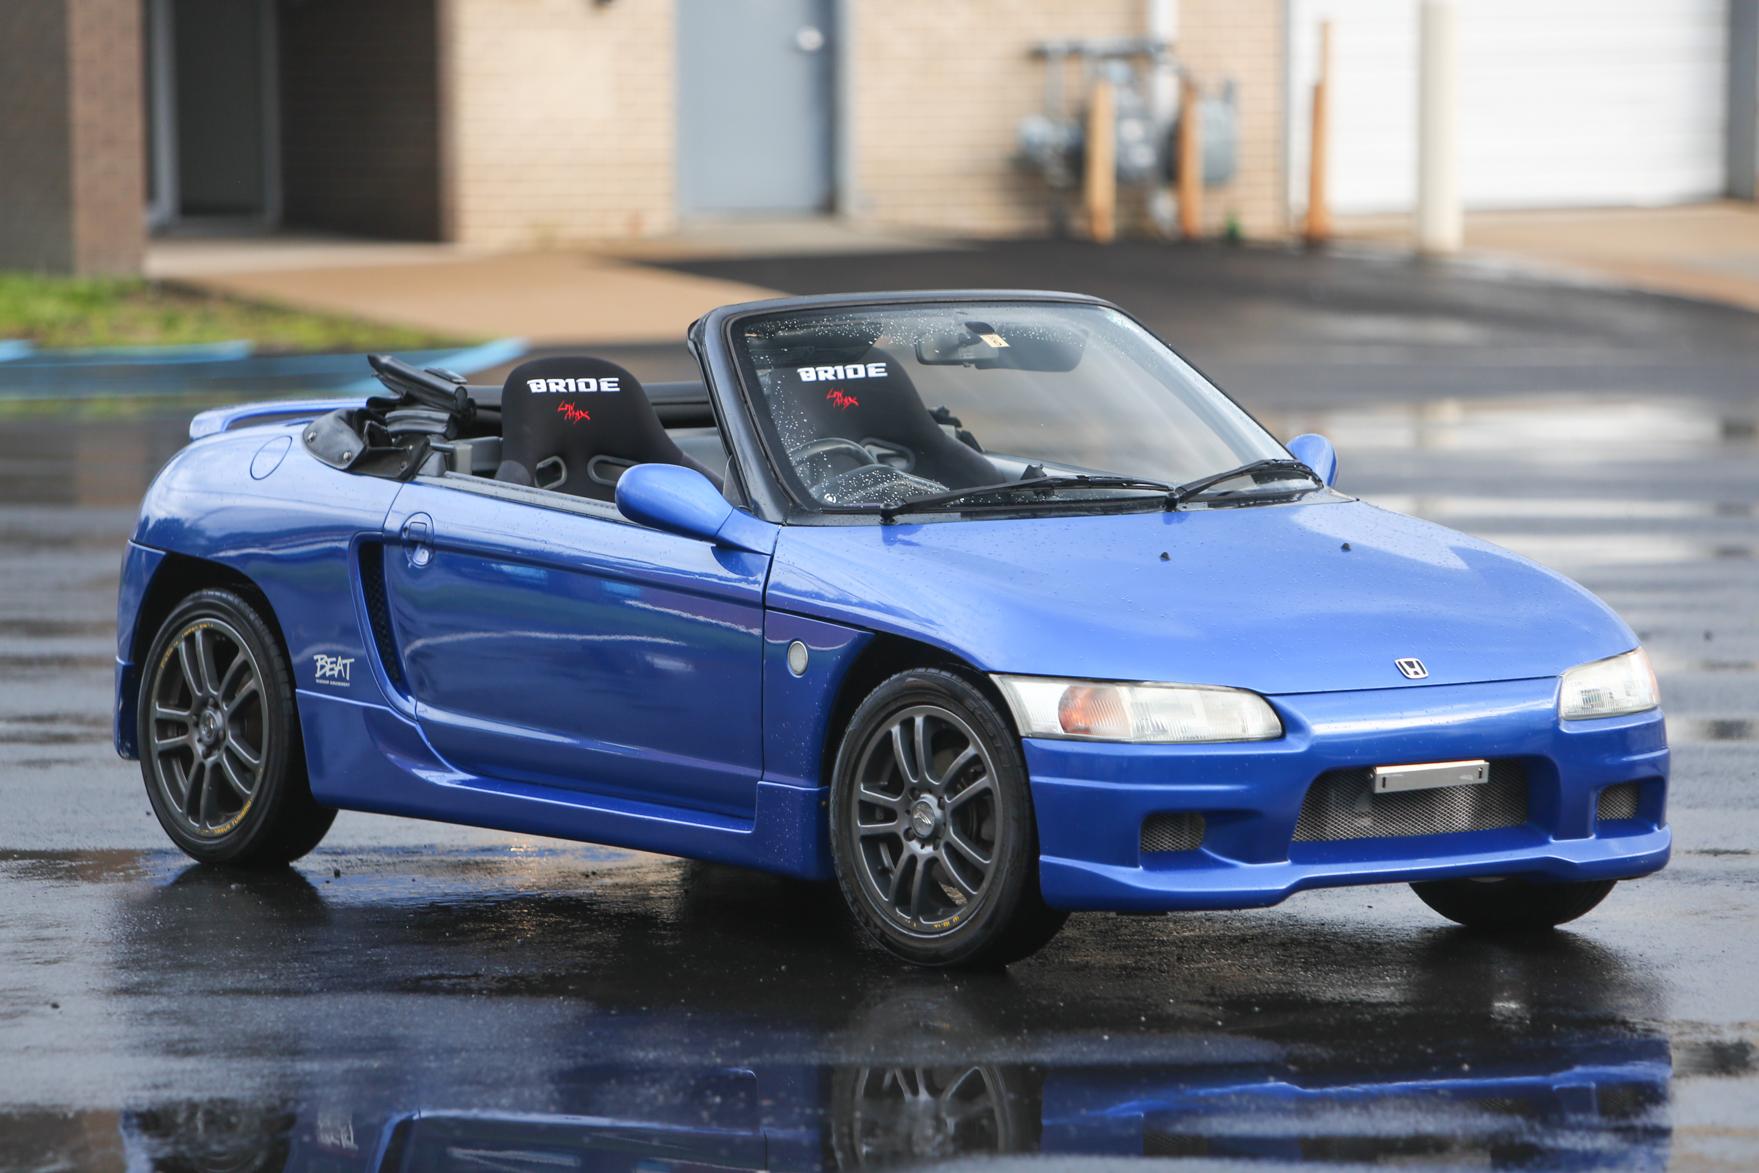 1991 Honda Beat - $8,350